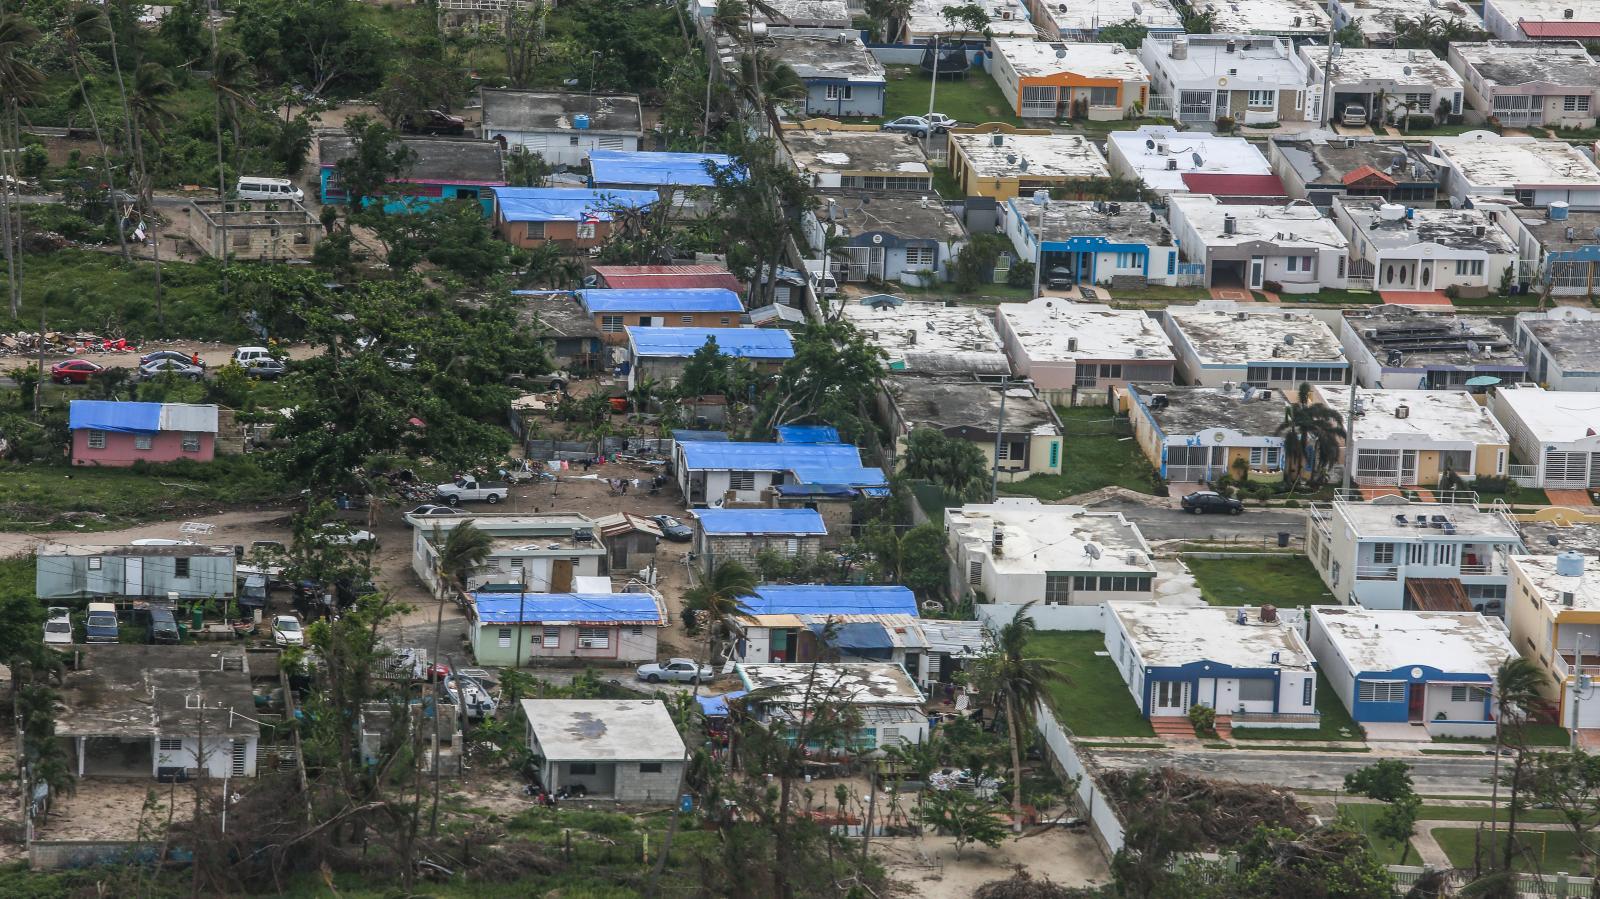 6 de noviembre de 2017. Puerto Rico vista desde el cielo.